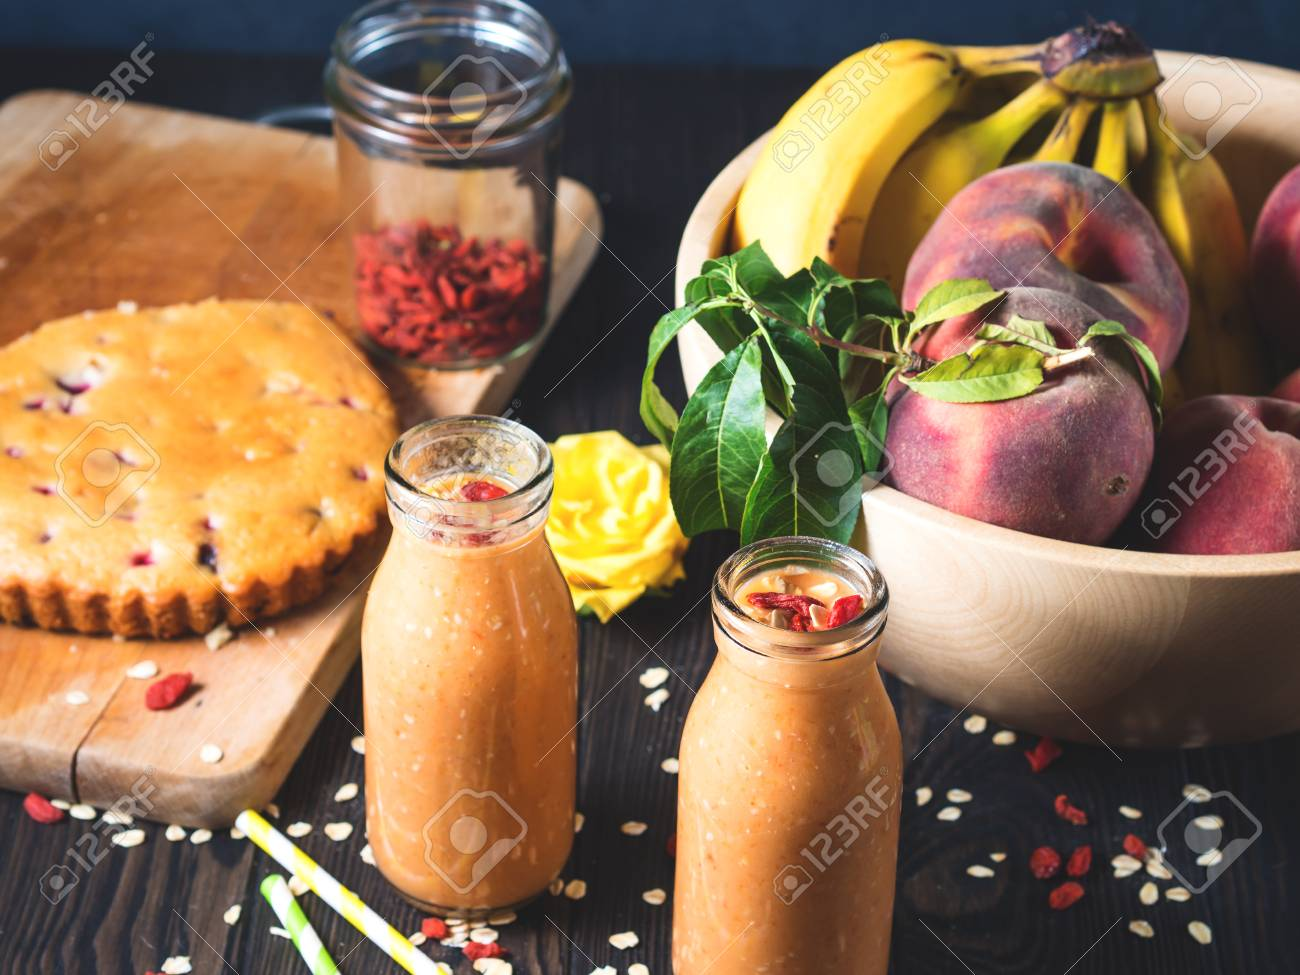 Kurbis Banane Und Pfirsich Vegan Smoothie Mit Sojamilch Sesam